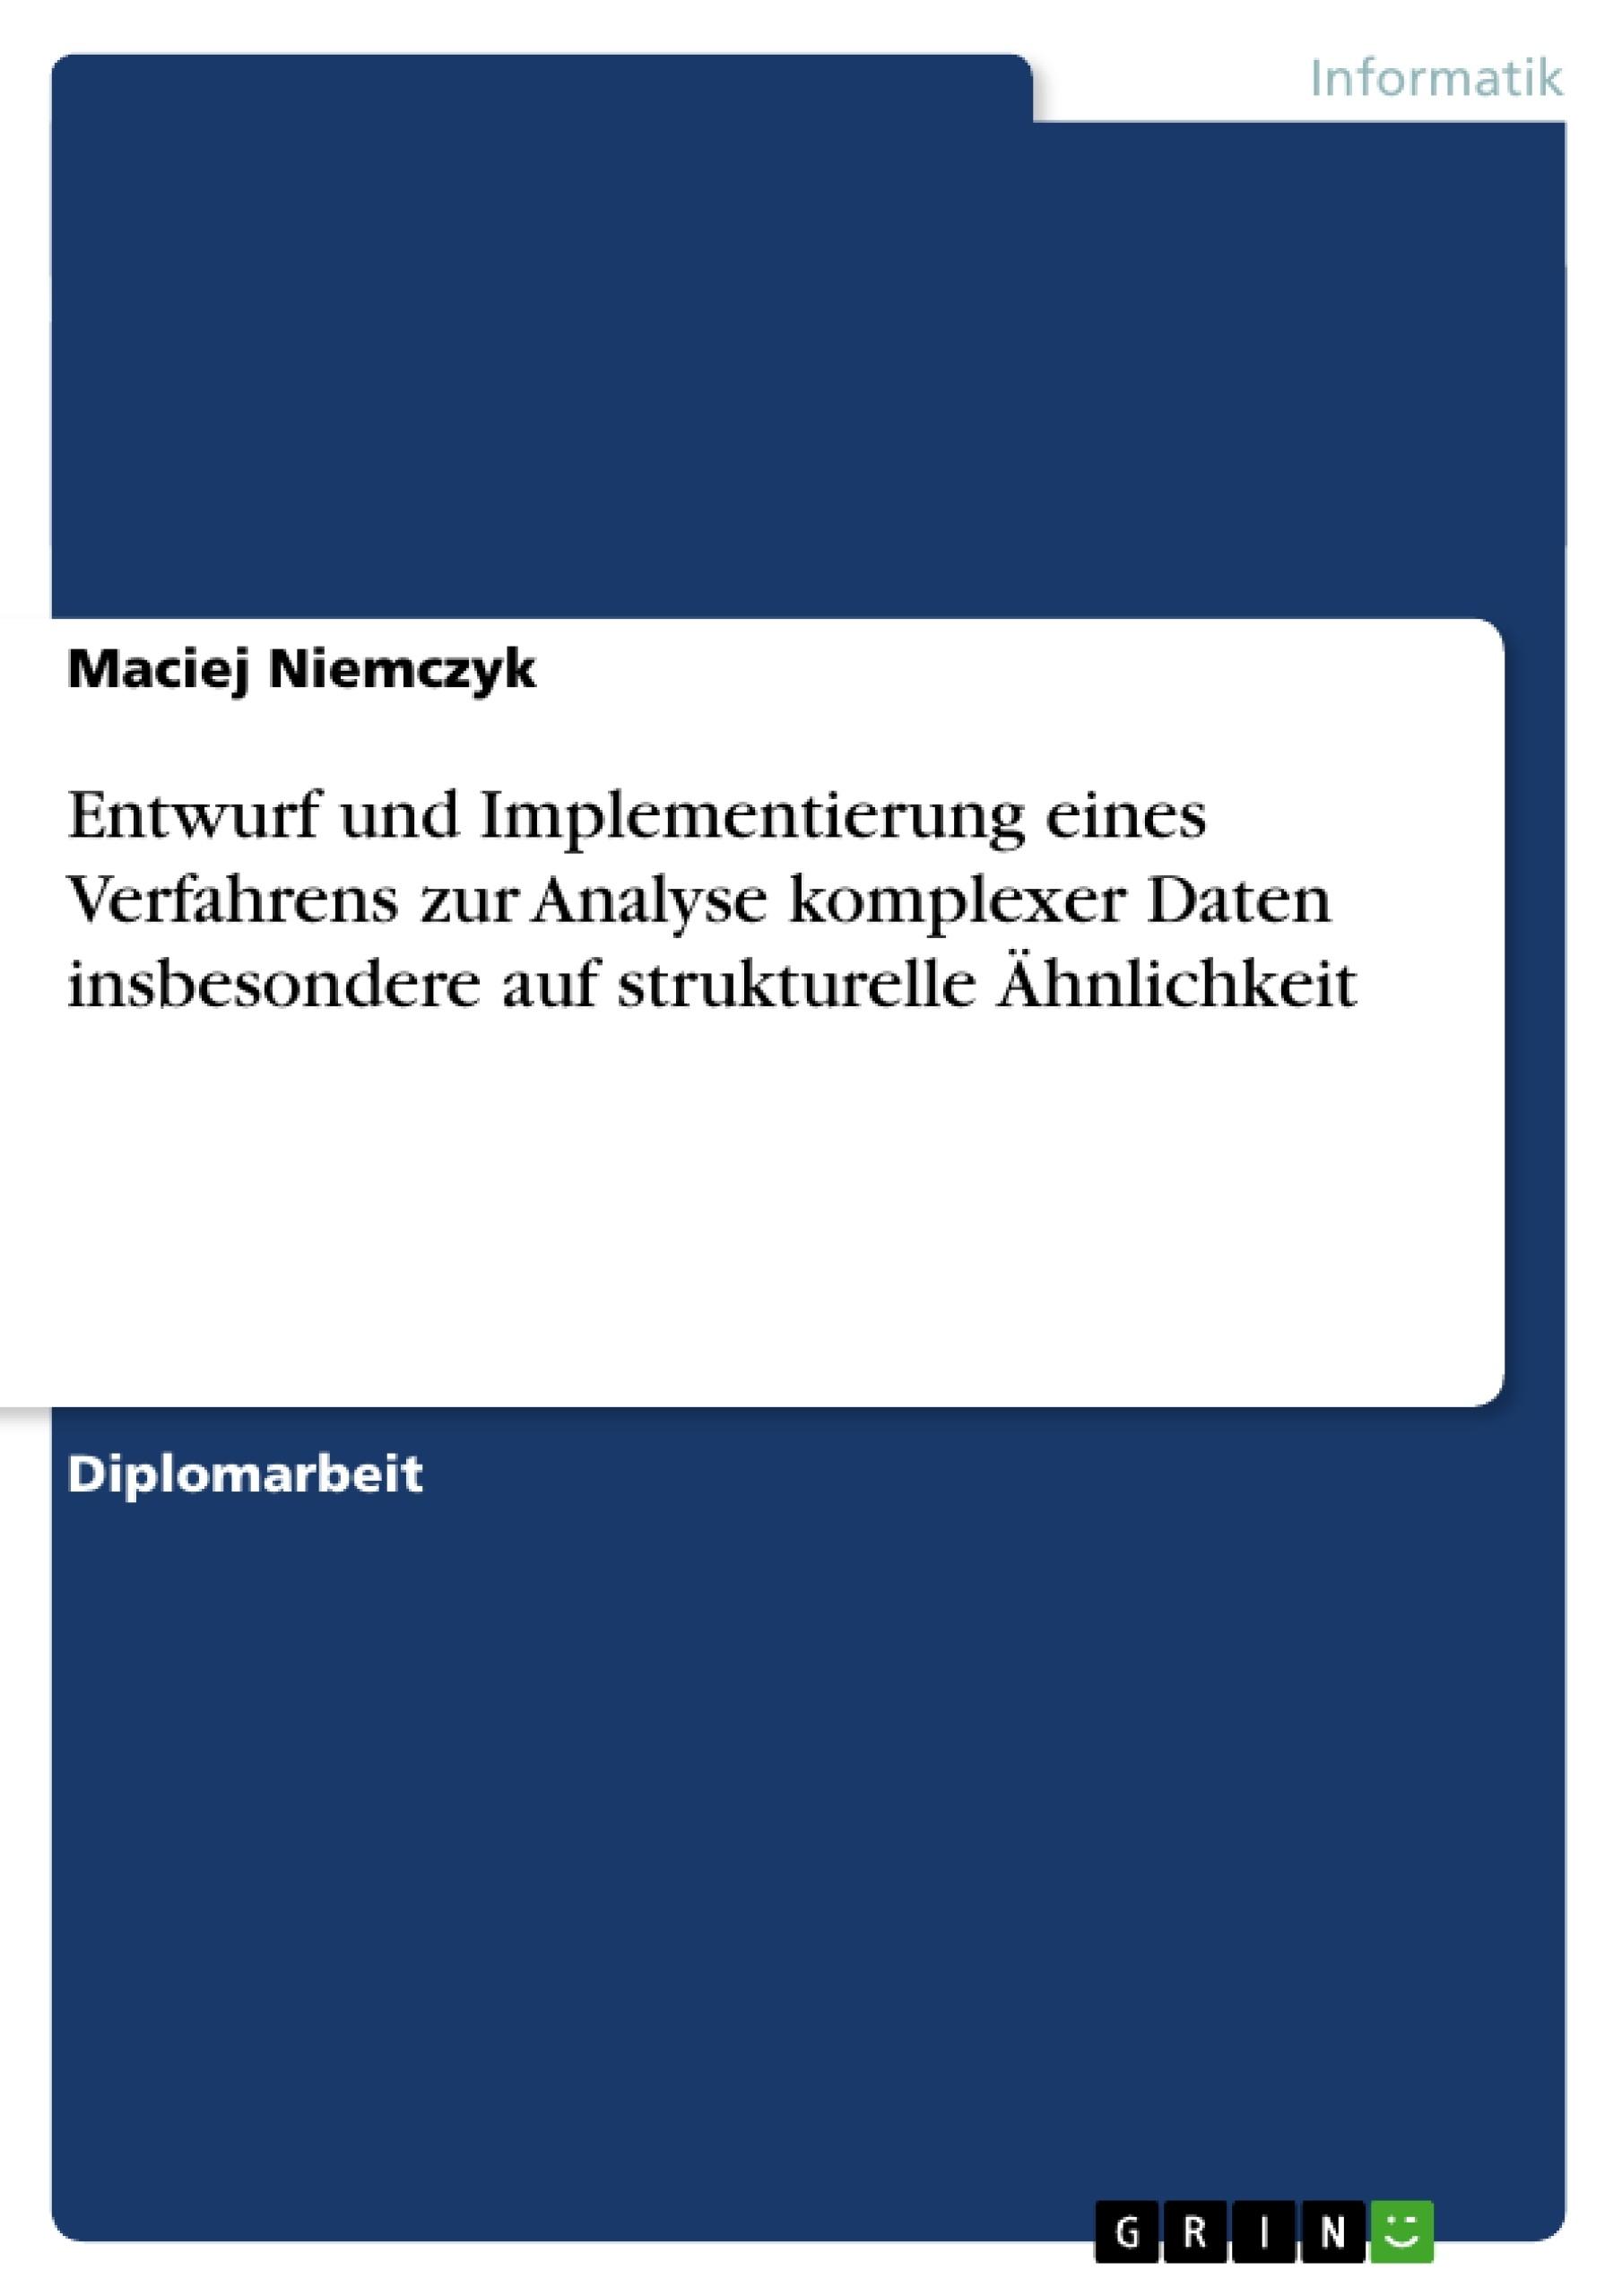 Titel: Entwurf und Implementierung eines Verfahrens zur Analyse komplexer Daten insbesondere auf strukturelle Ähnlichkeit